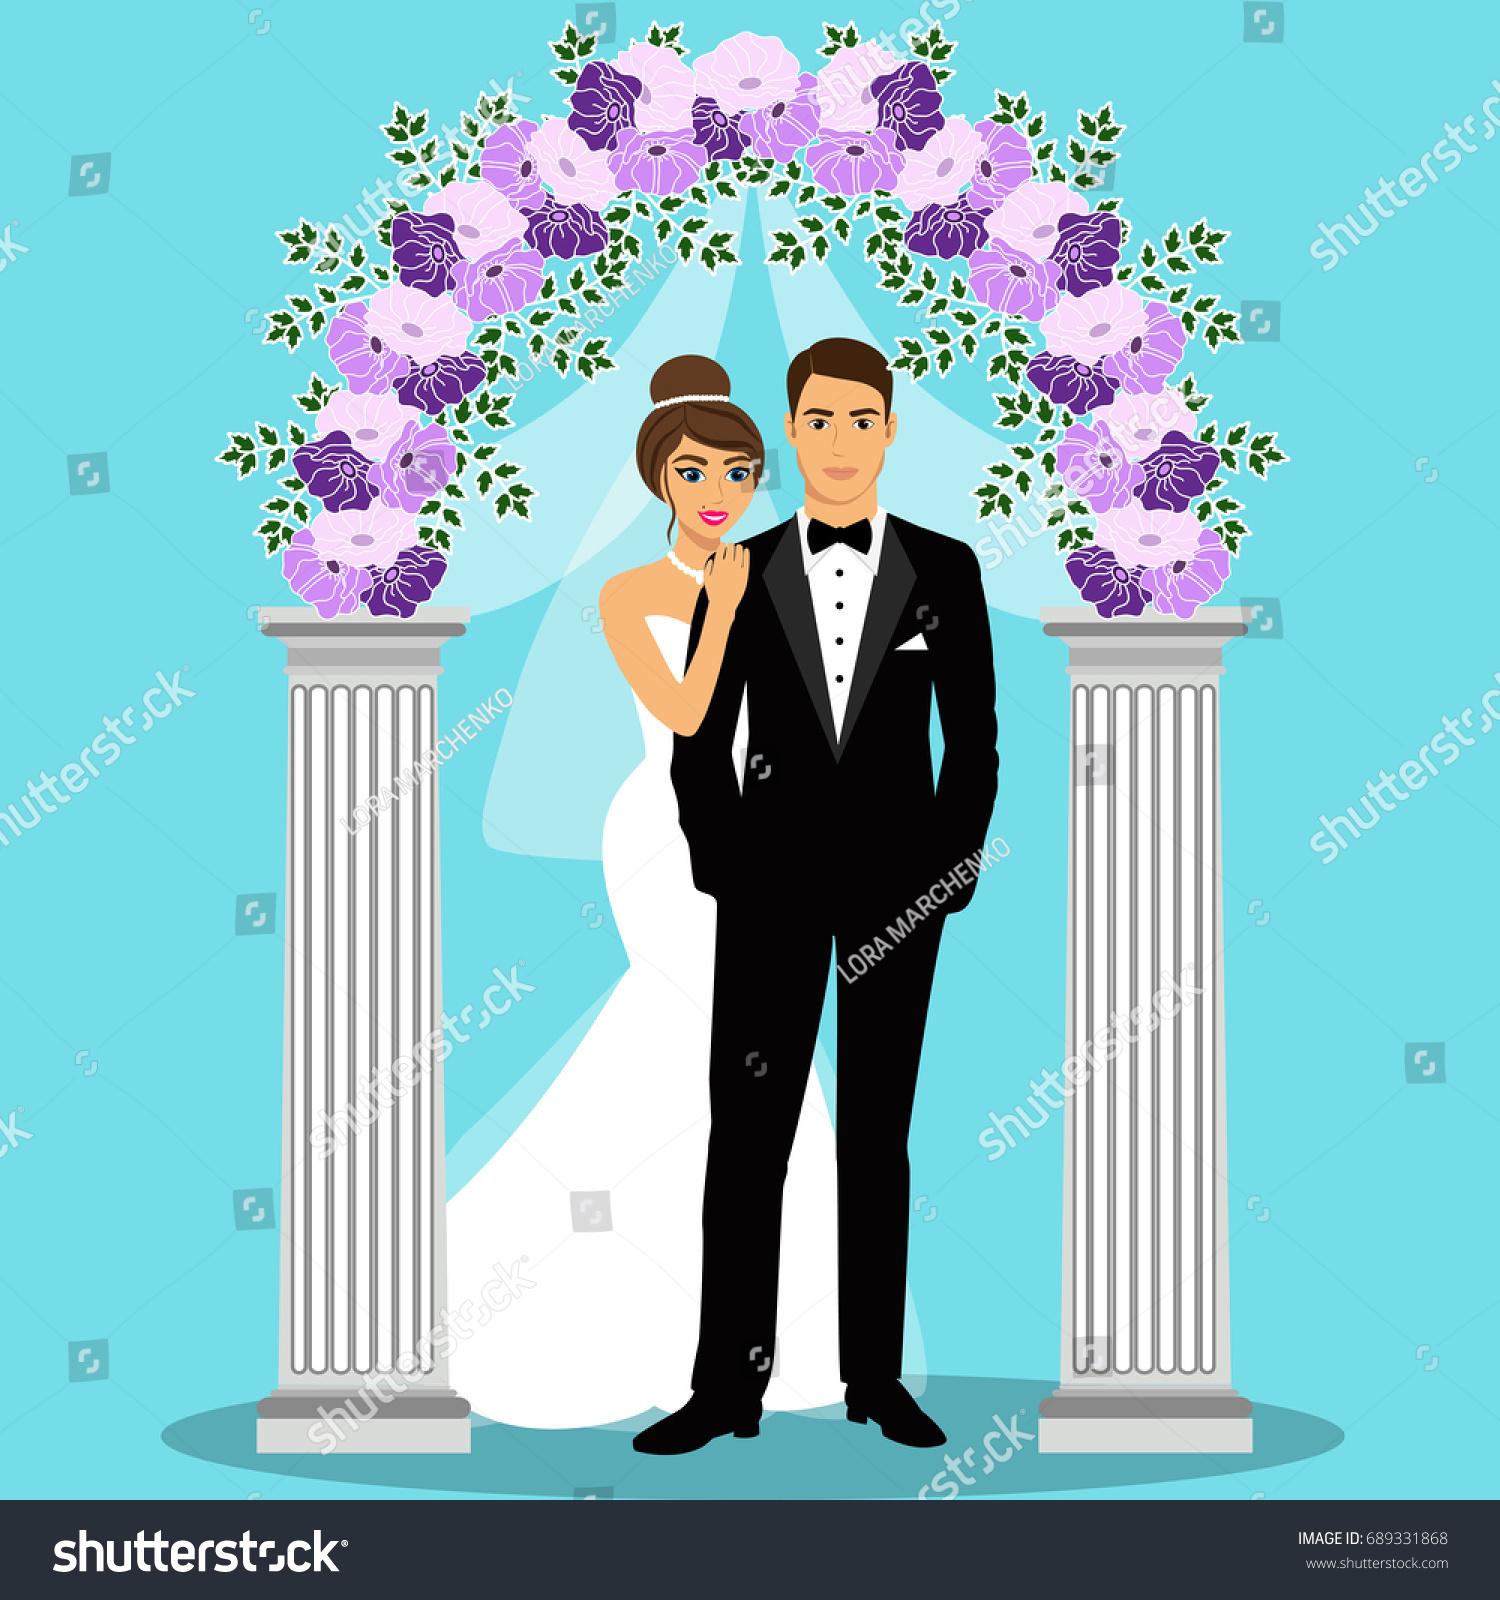 Invitation Card Bride Groom Vintage Style Stock Illustration ...